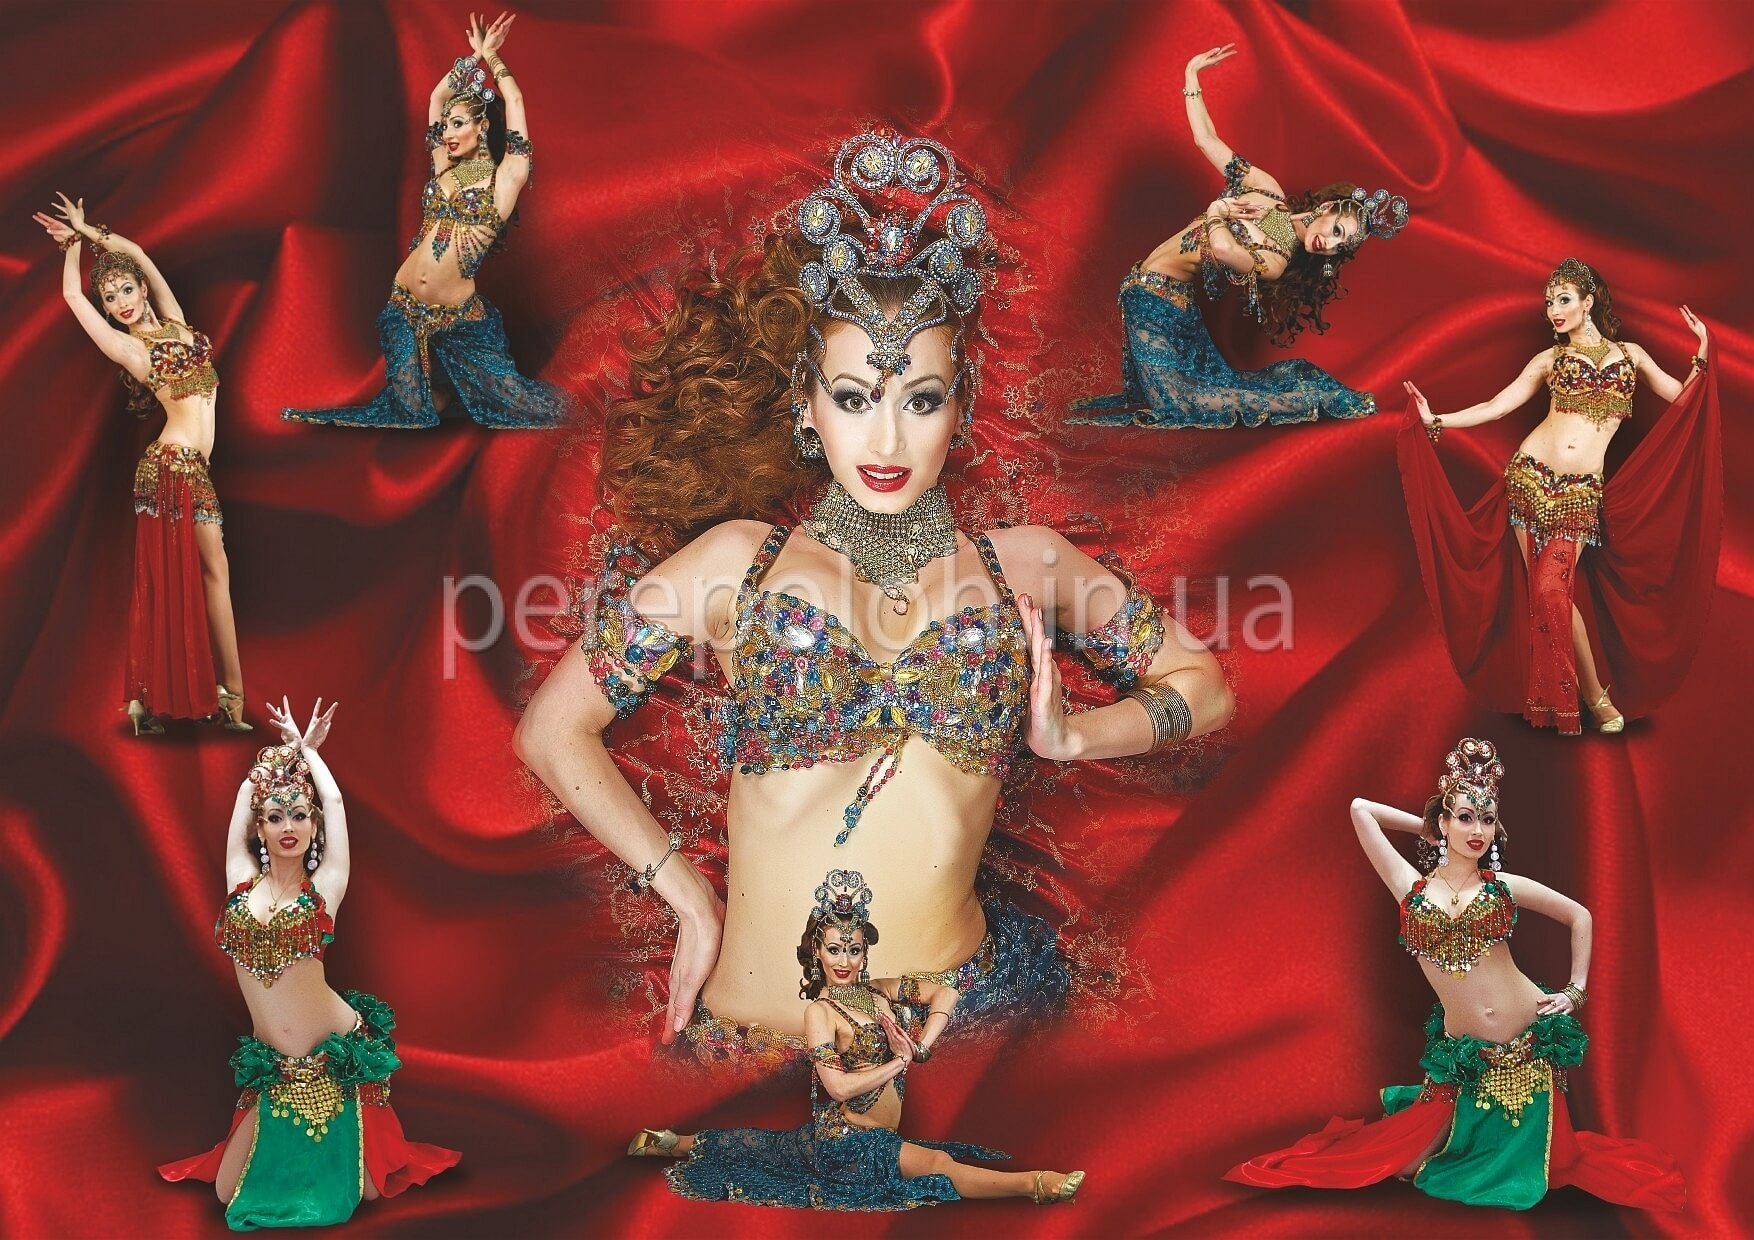 восточные танцы в Одессе, танцовщица в Одессе, исполнительница восточных танцев, экзотическая танцовщица